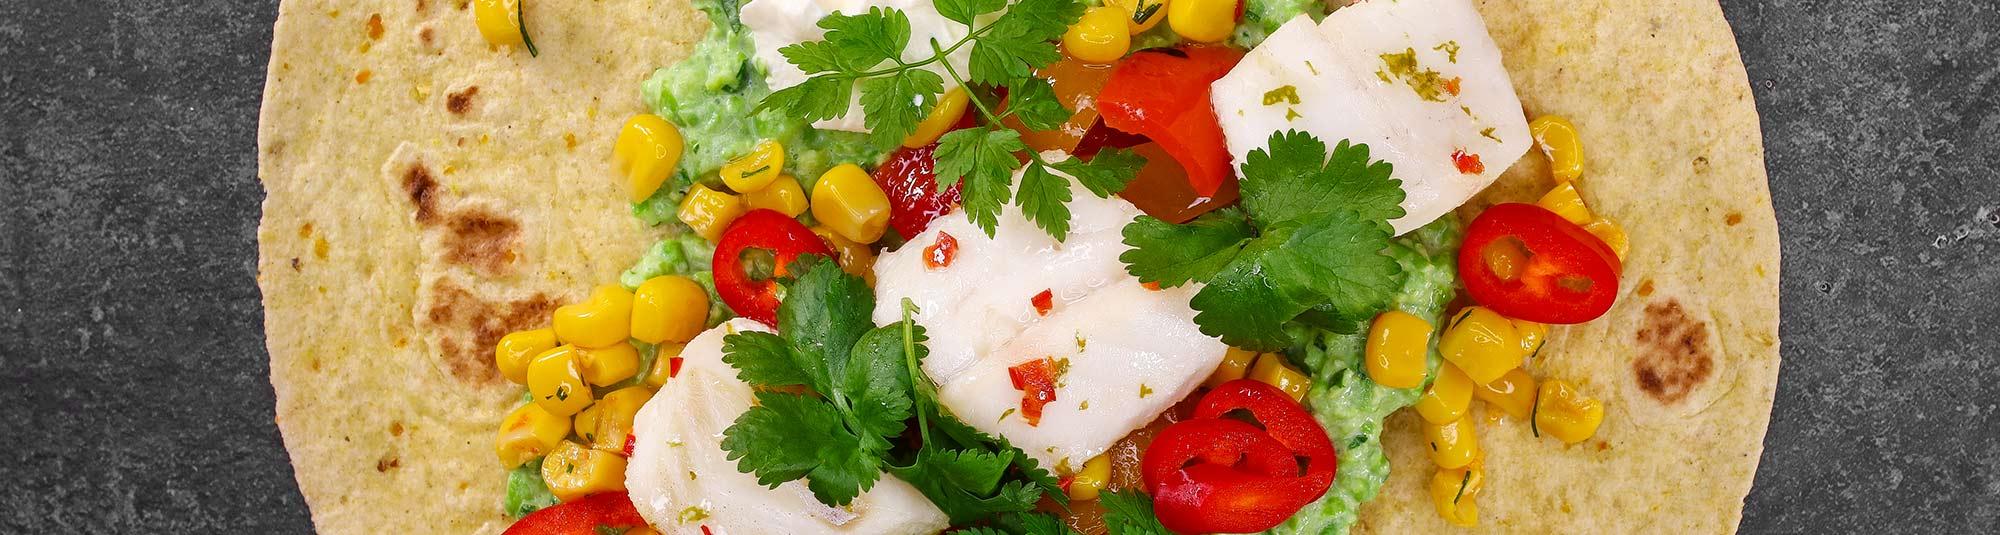 Tacos med Findus gourmetbitar torsk, guacamole och rostad majs